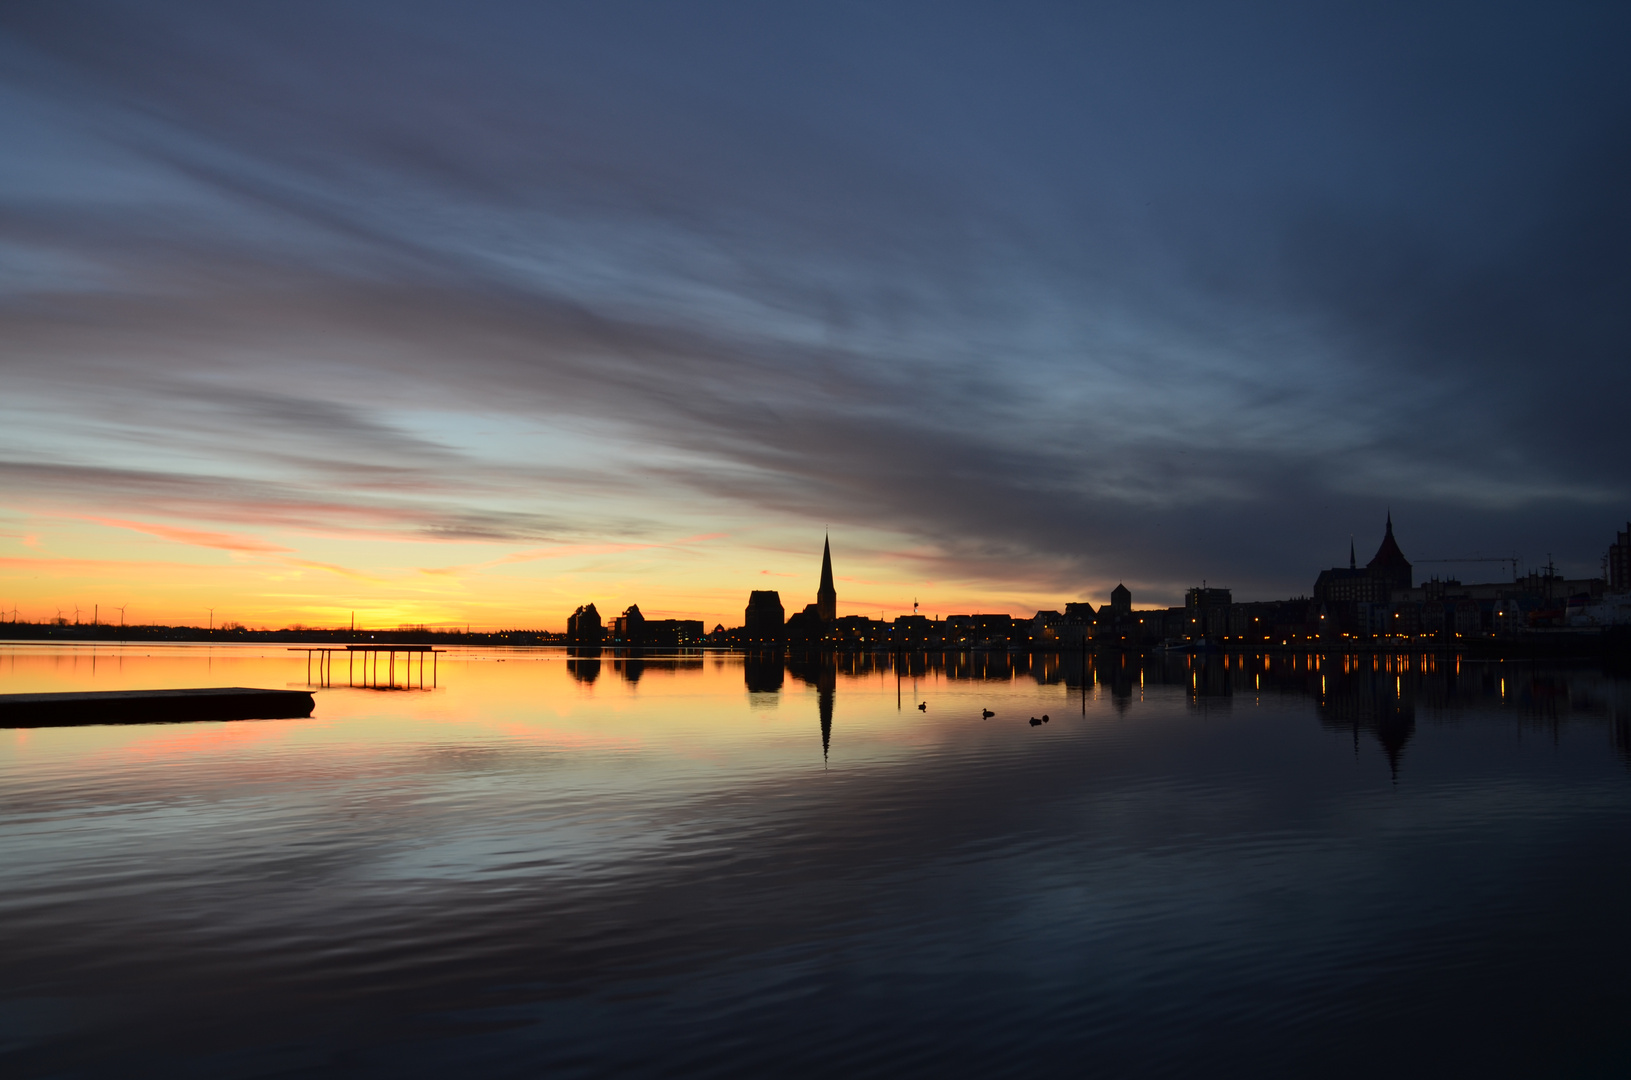 Rostock beim Sonnenaufgang